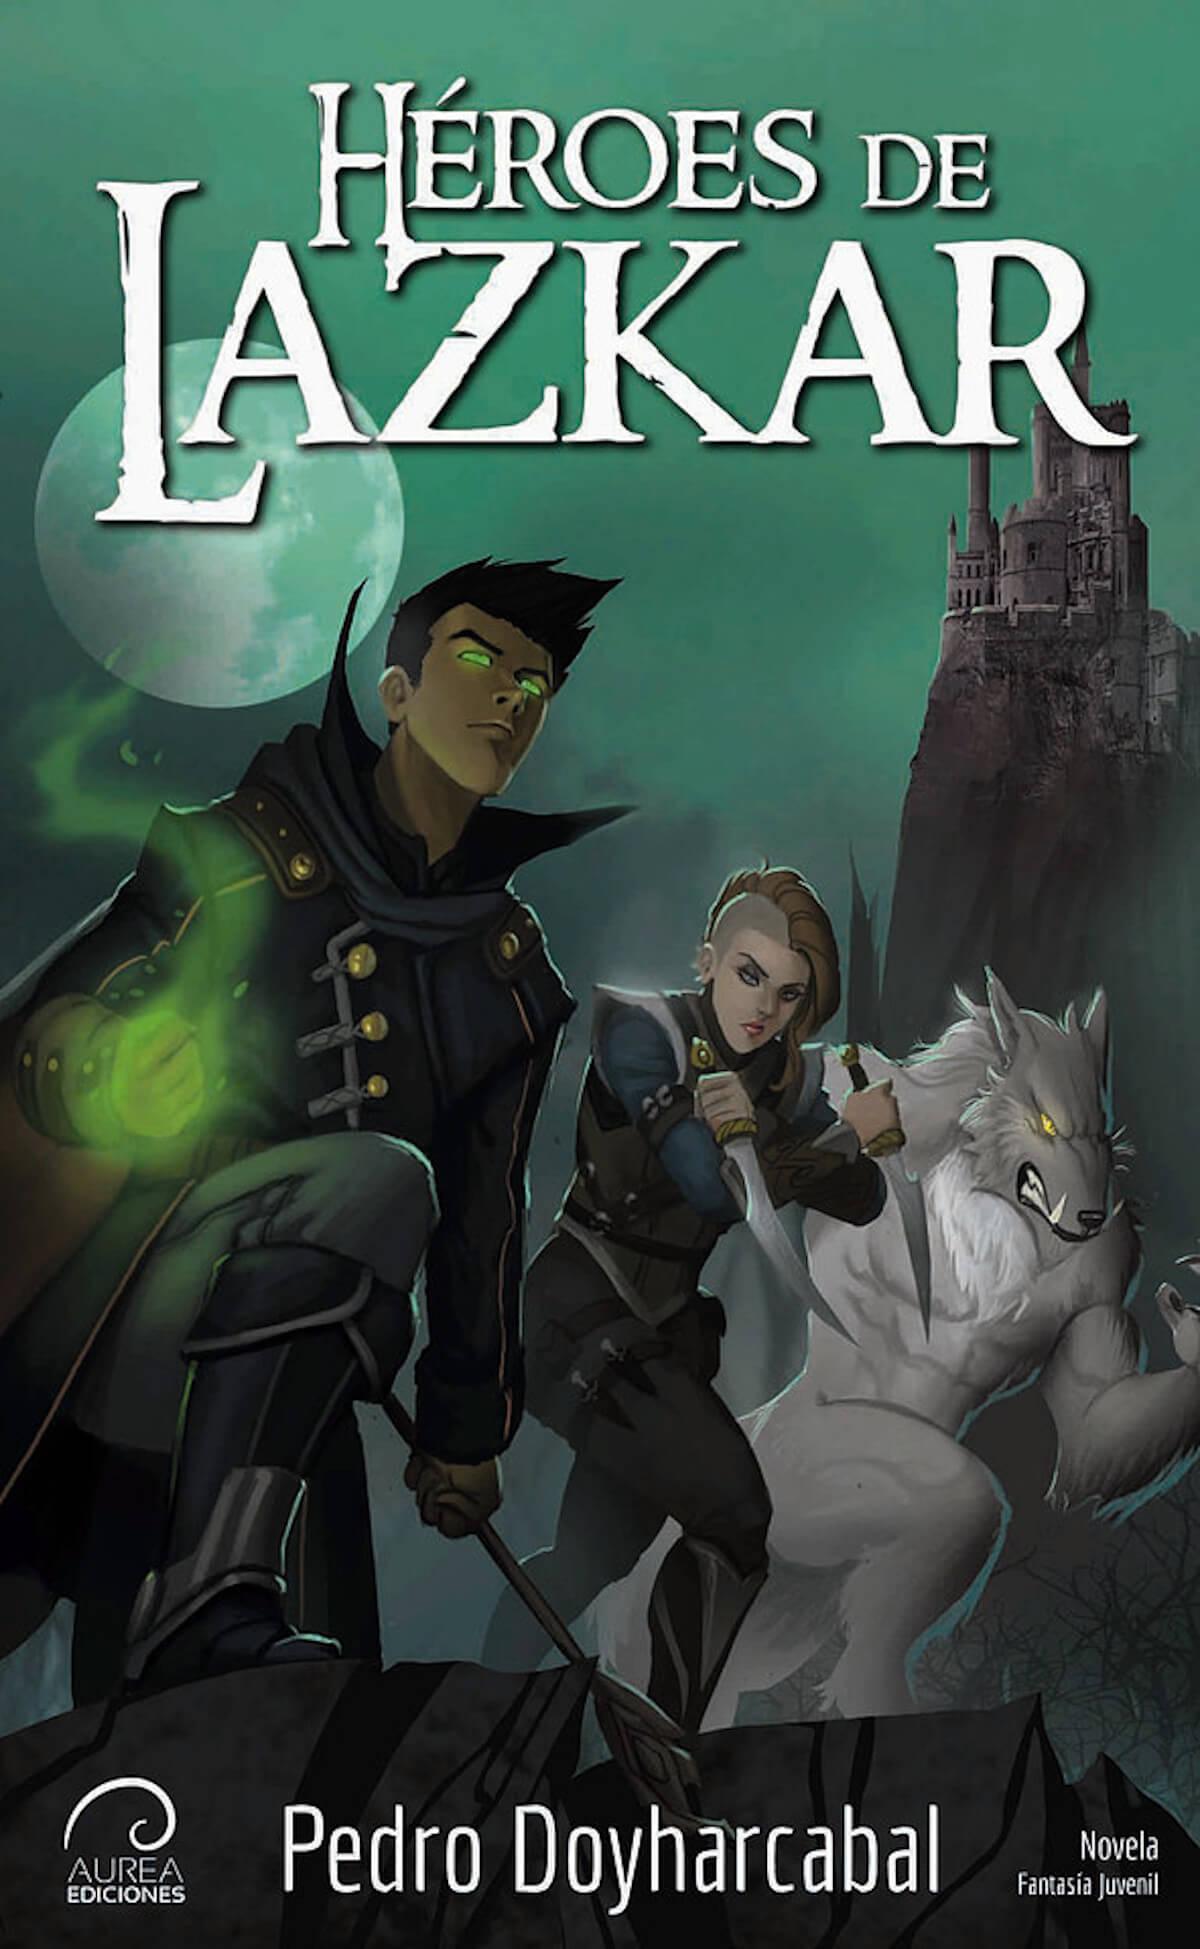 Héroes de Lazkar